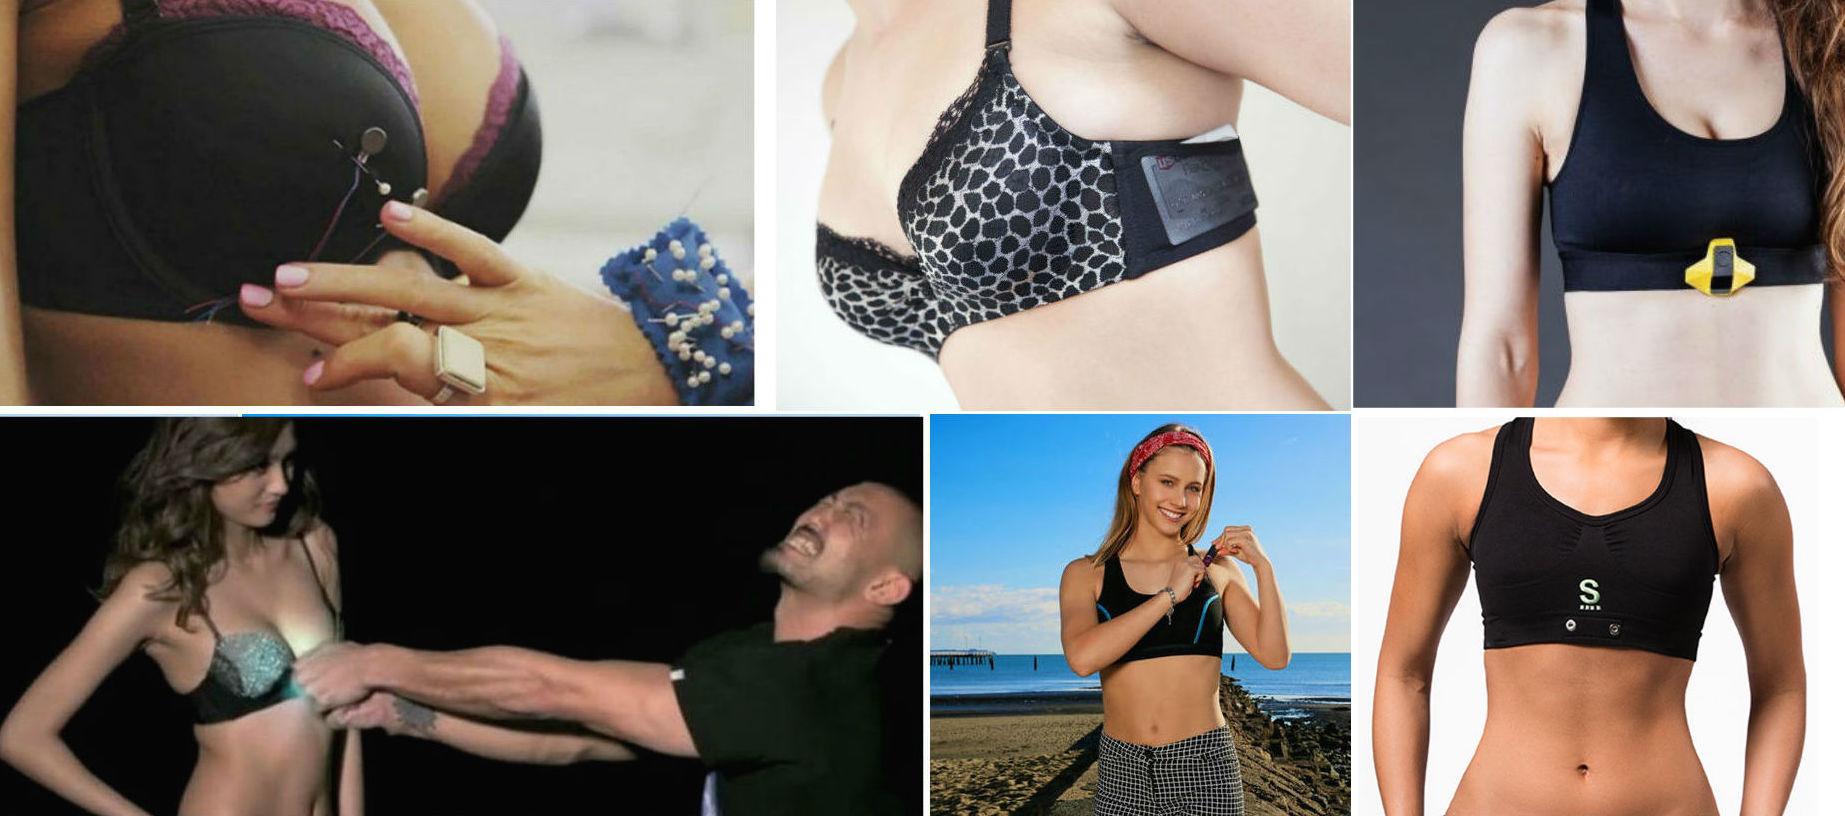 Умное белье: кто и зачем делает интимную носимую «электронику» - 1